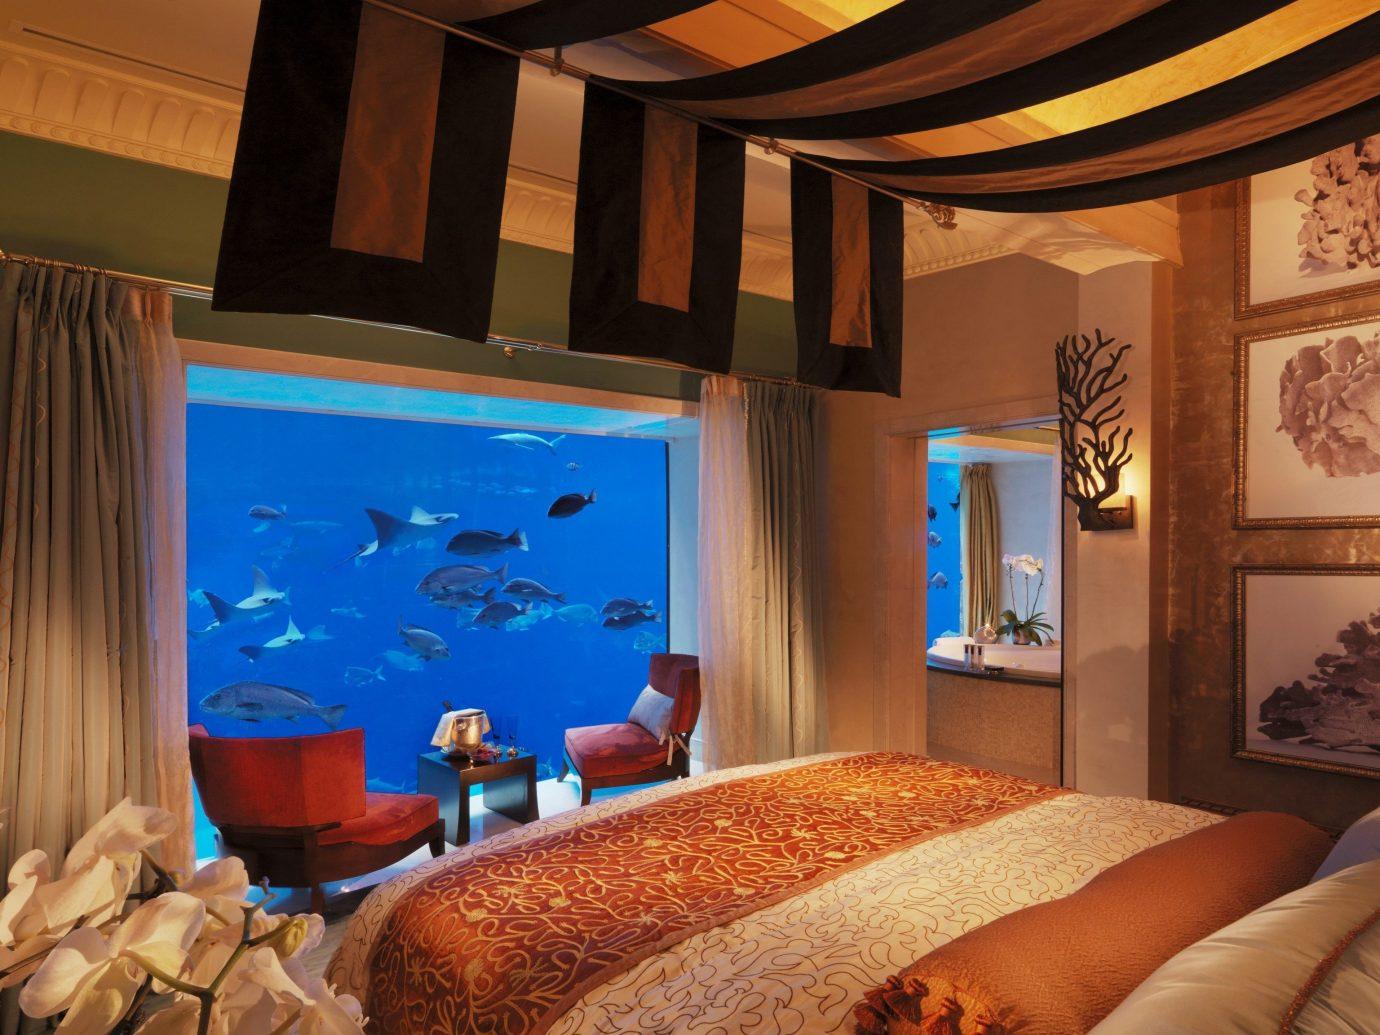 Dubai Hotels Luxury Travel Middle East indoor room property estate Suite interior design living room Resort Bedroom cottage